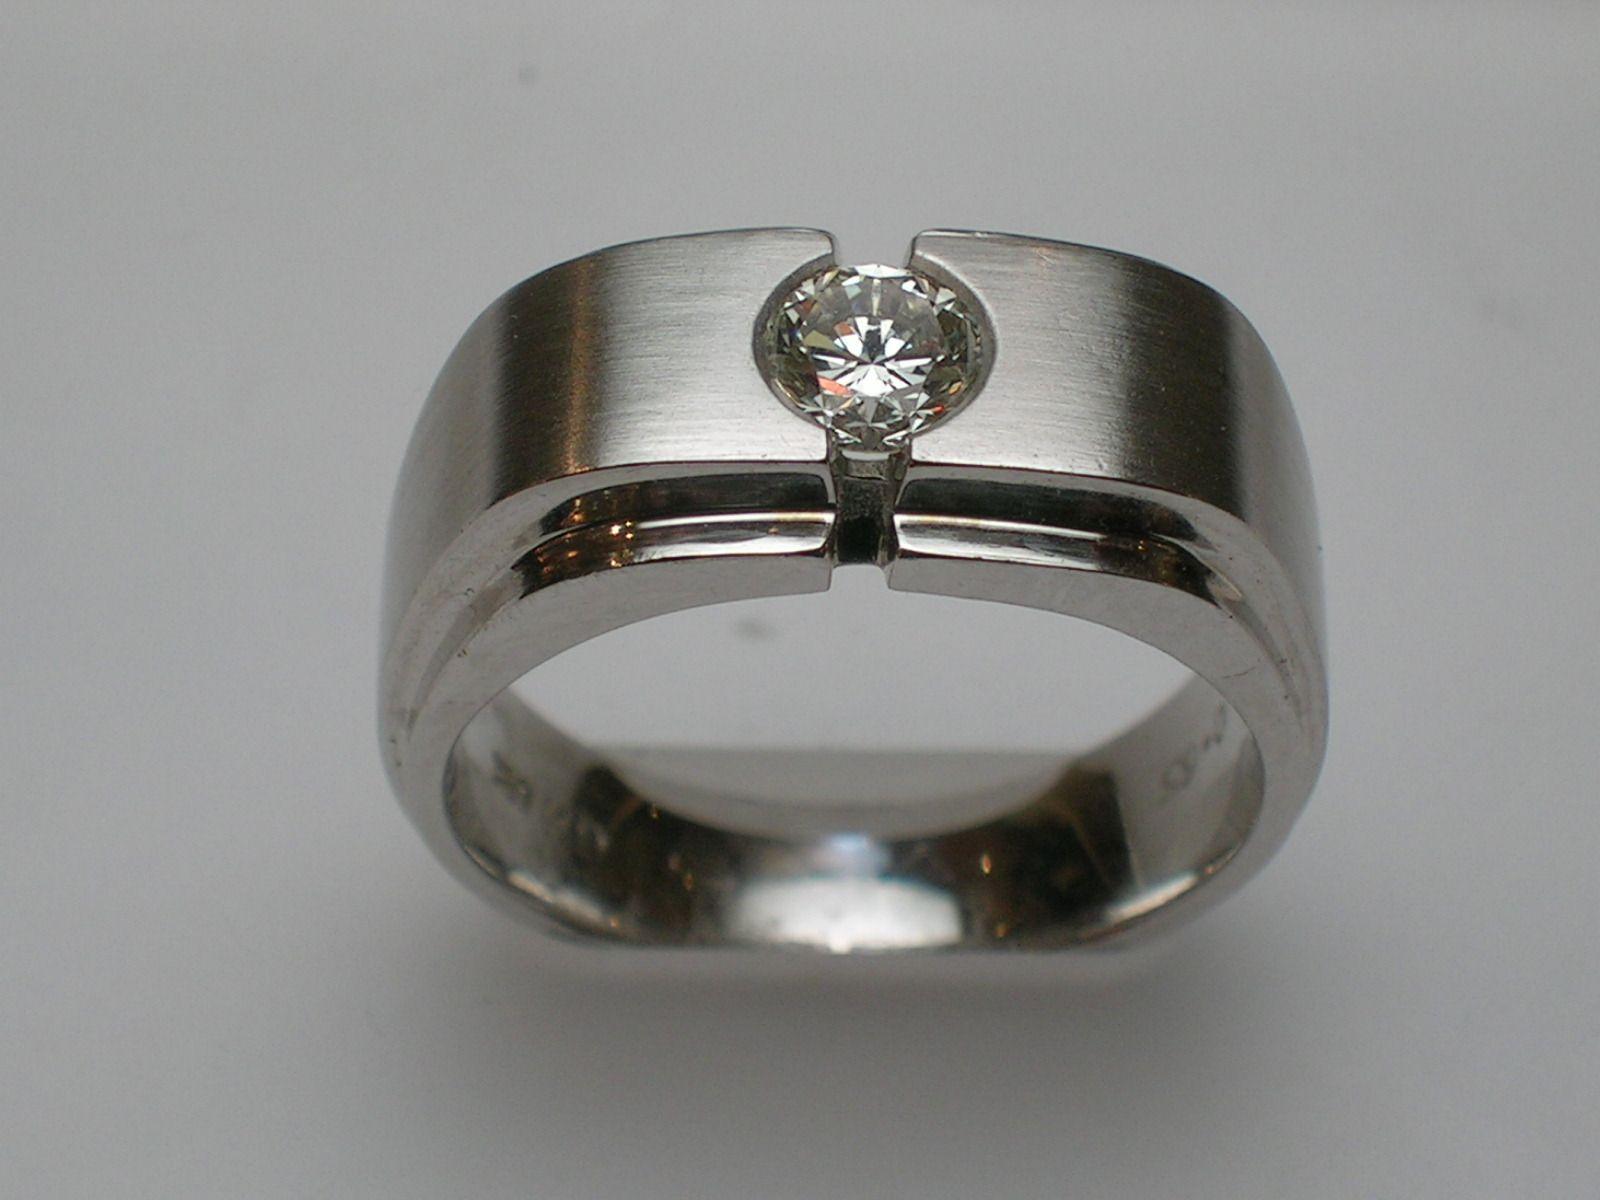 wedding rings trend model style unusual wedding rings men photo